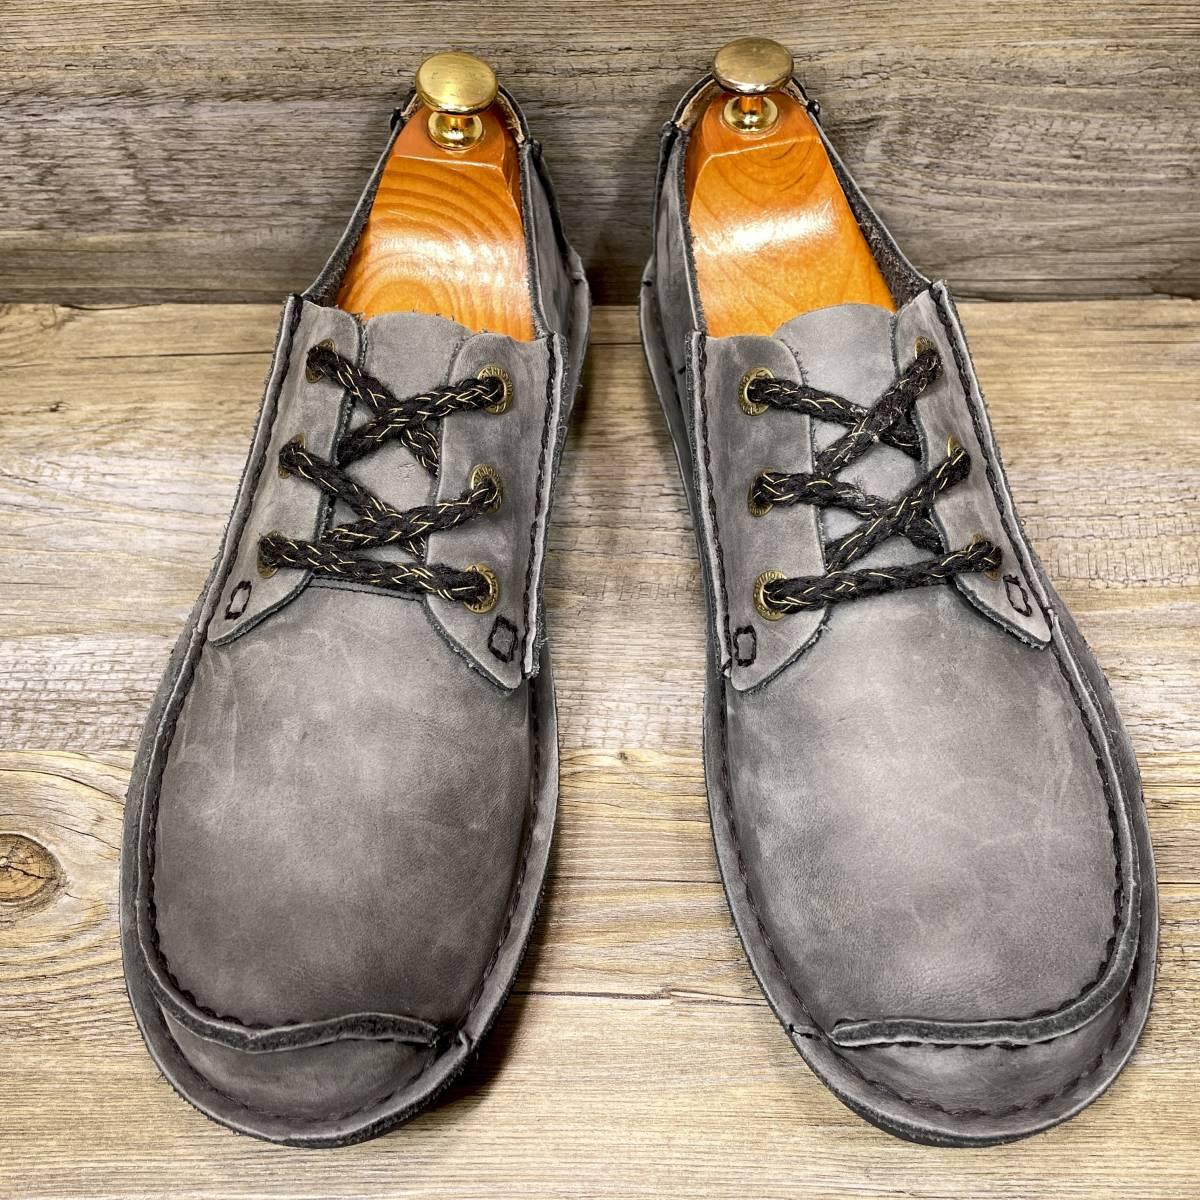 ■Clarks■ 25.5cm UK7 クラークス レザーシューズ モカシン メンズ 靴 革靴 天然皮革 くつ 中古 宅急便 即決_画像2